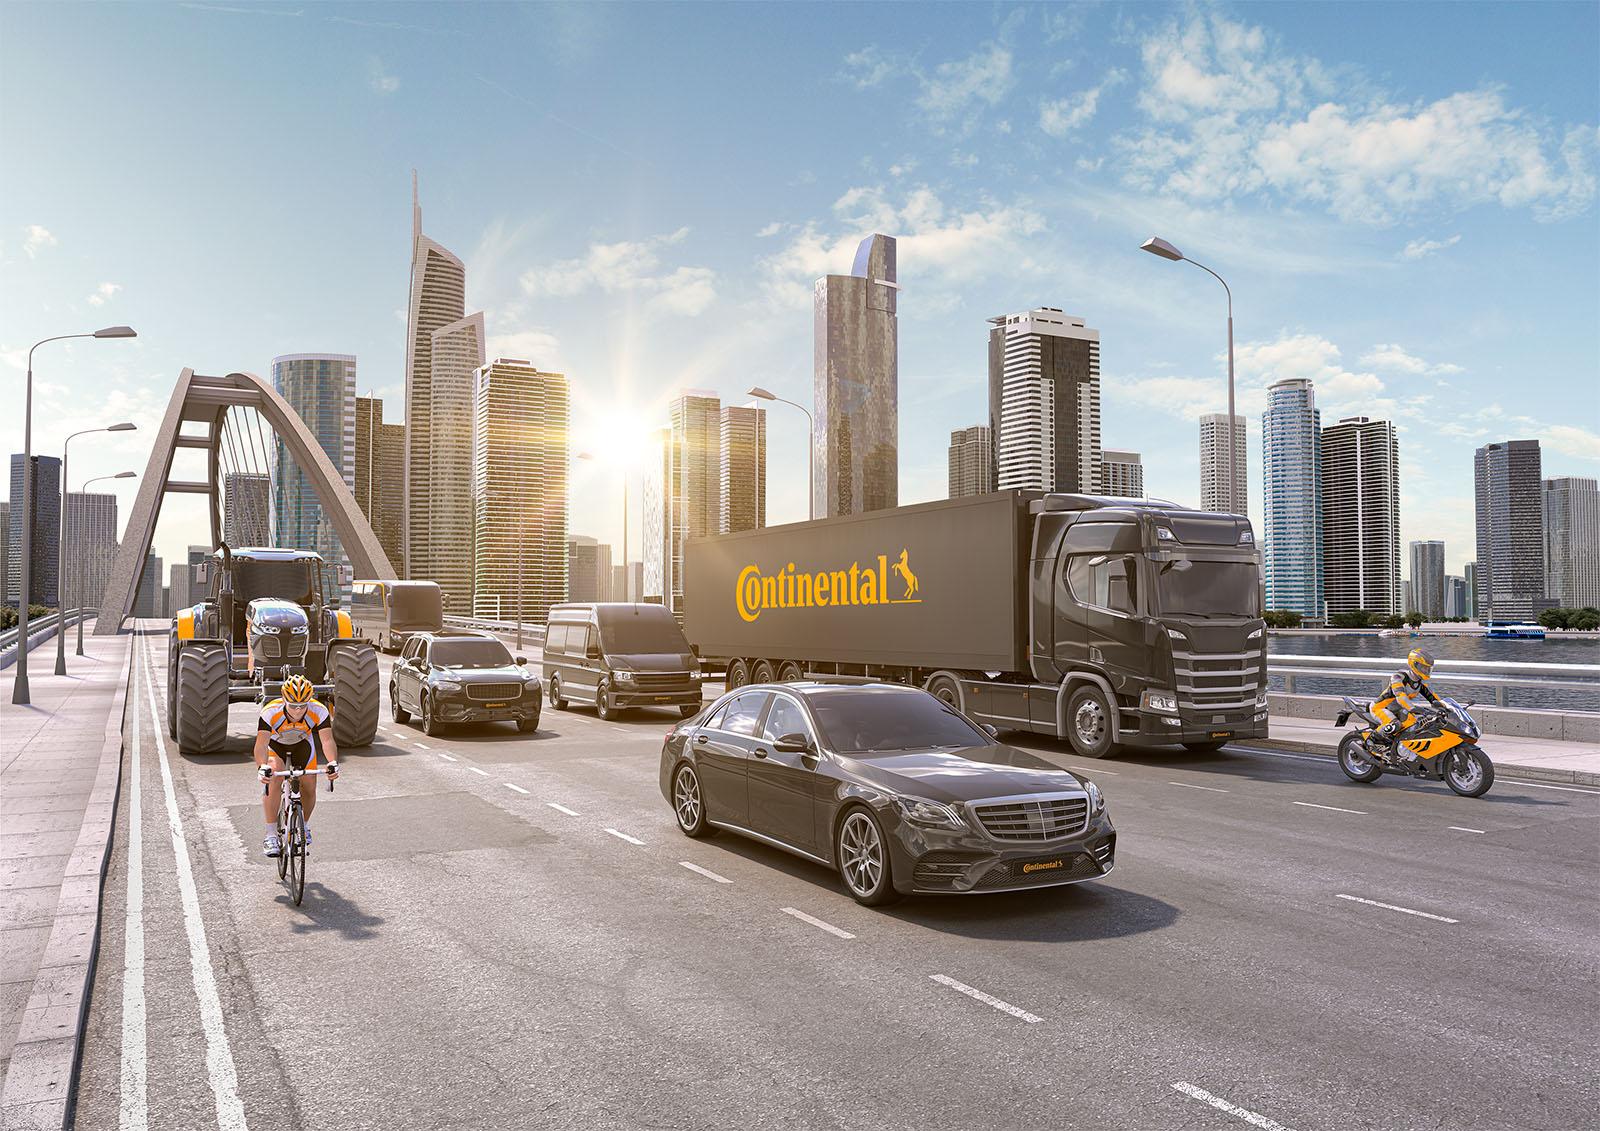 A Continental újrahasznosított ipari kormot fog használni gumiabroncsaihoz